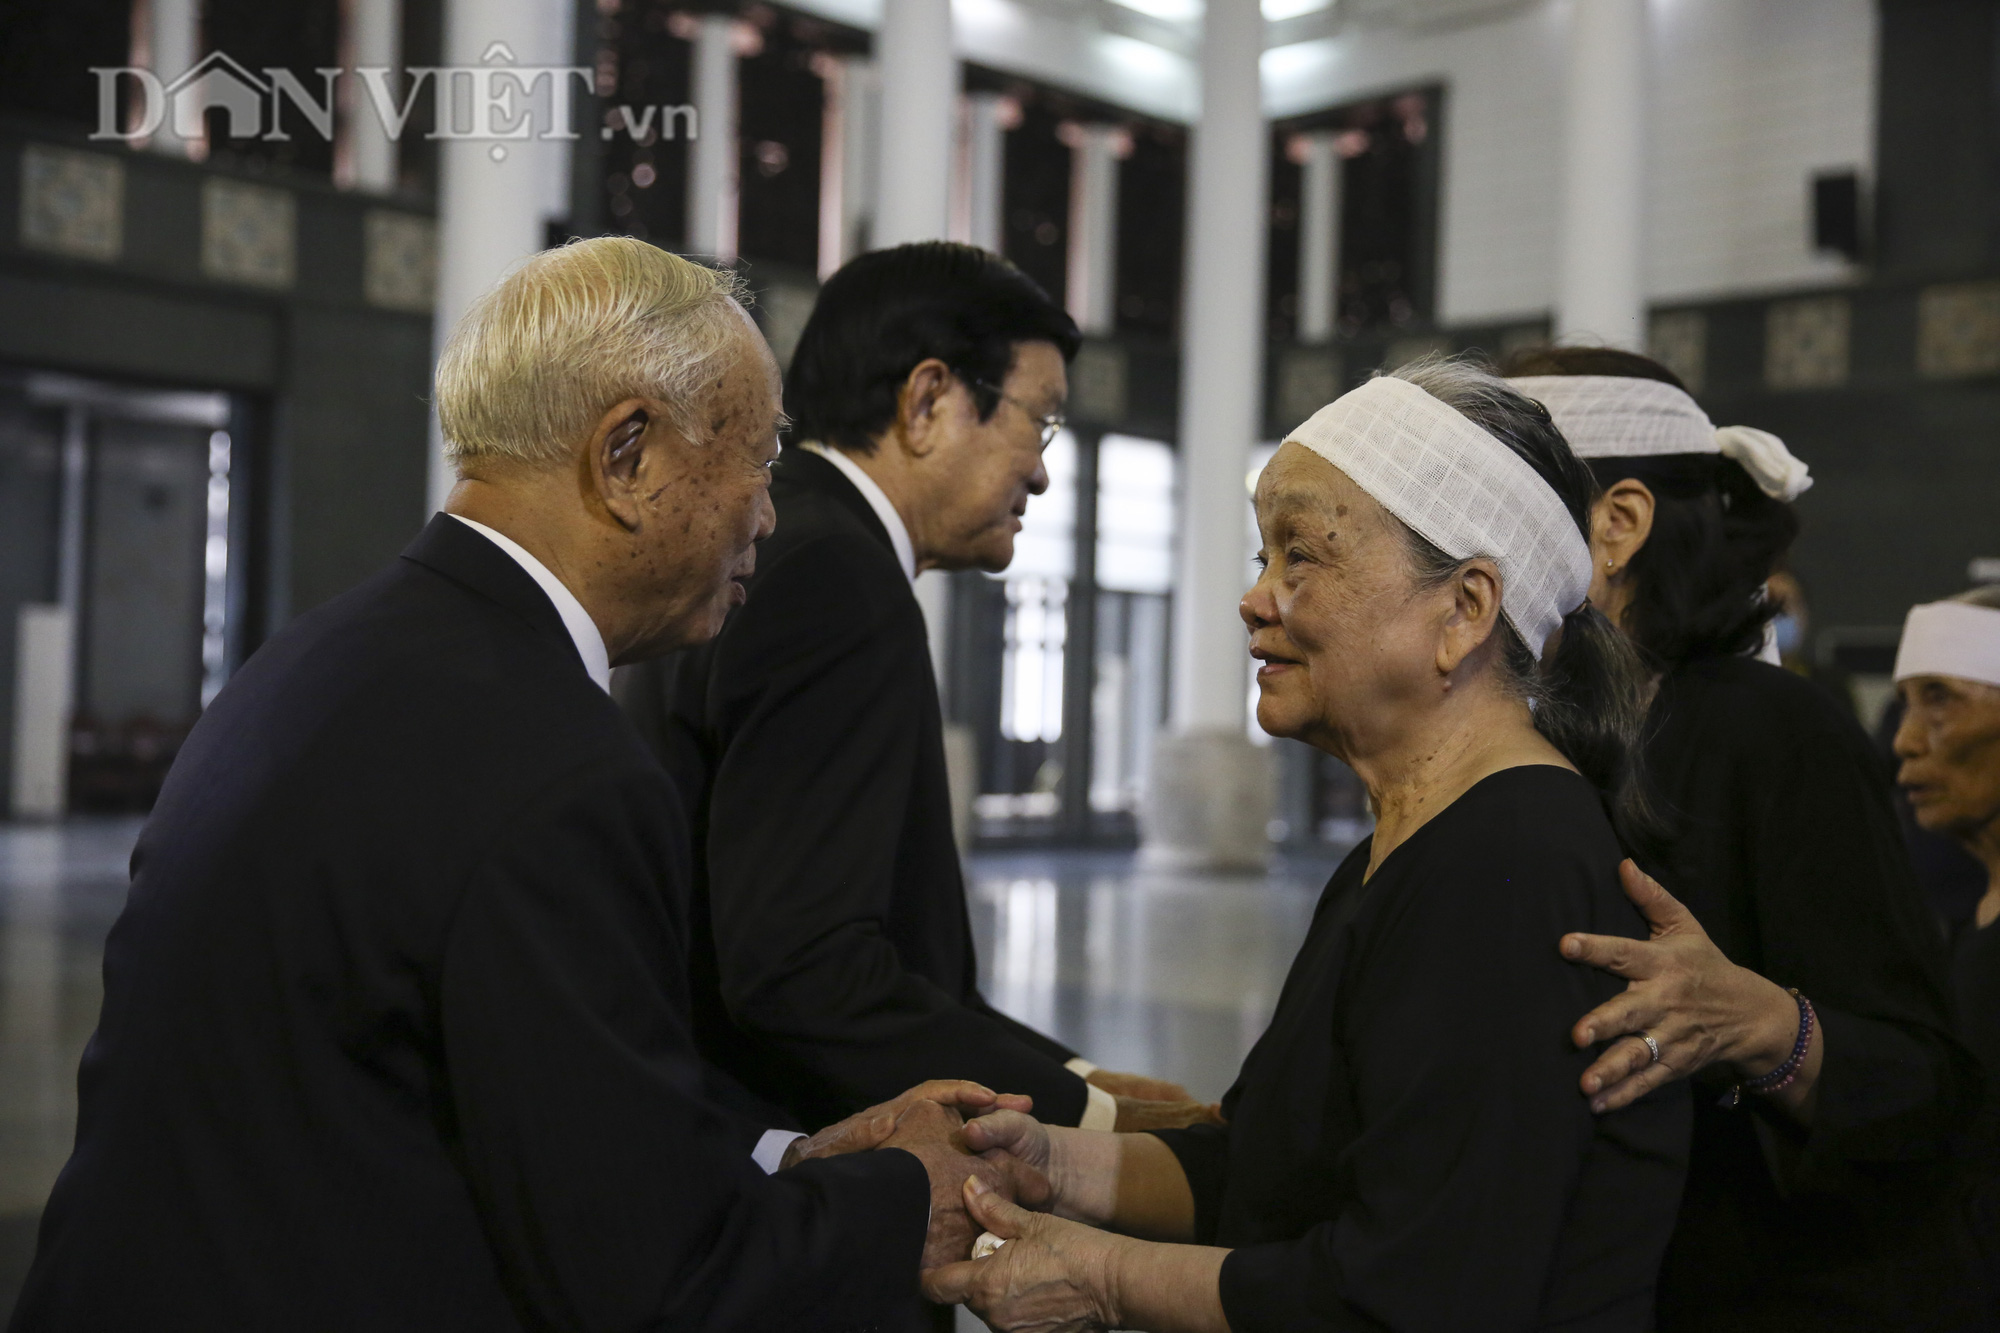 Thủ tướng đến viếng, tiễn đưa đồng chí Nguyễn Đình Hương - Ảnh 11.